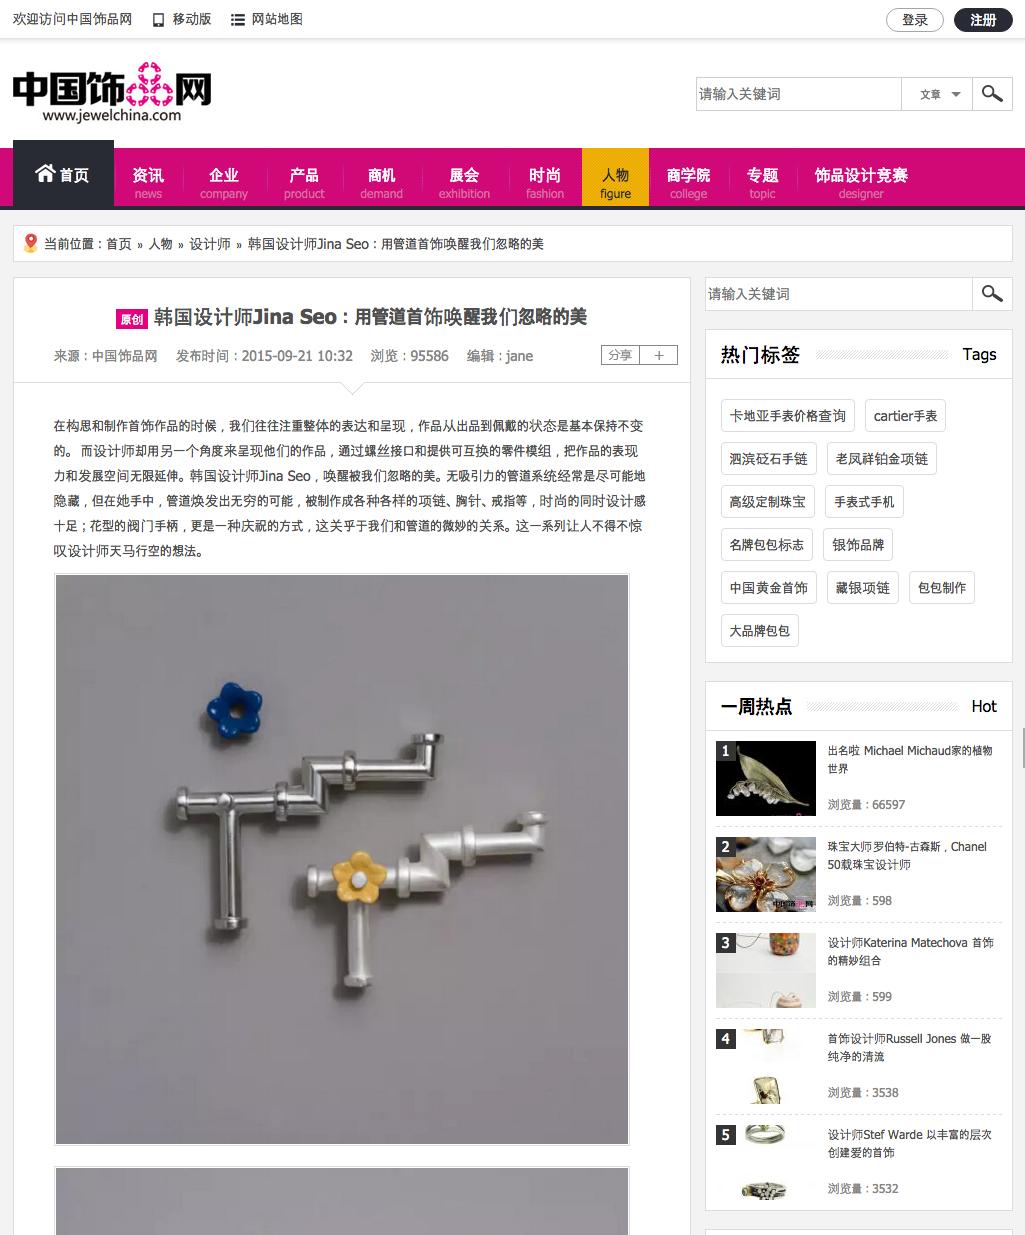 jewelchina-com.jpg